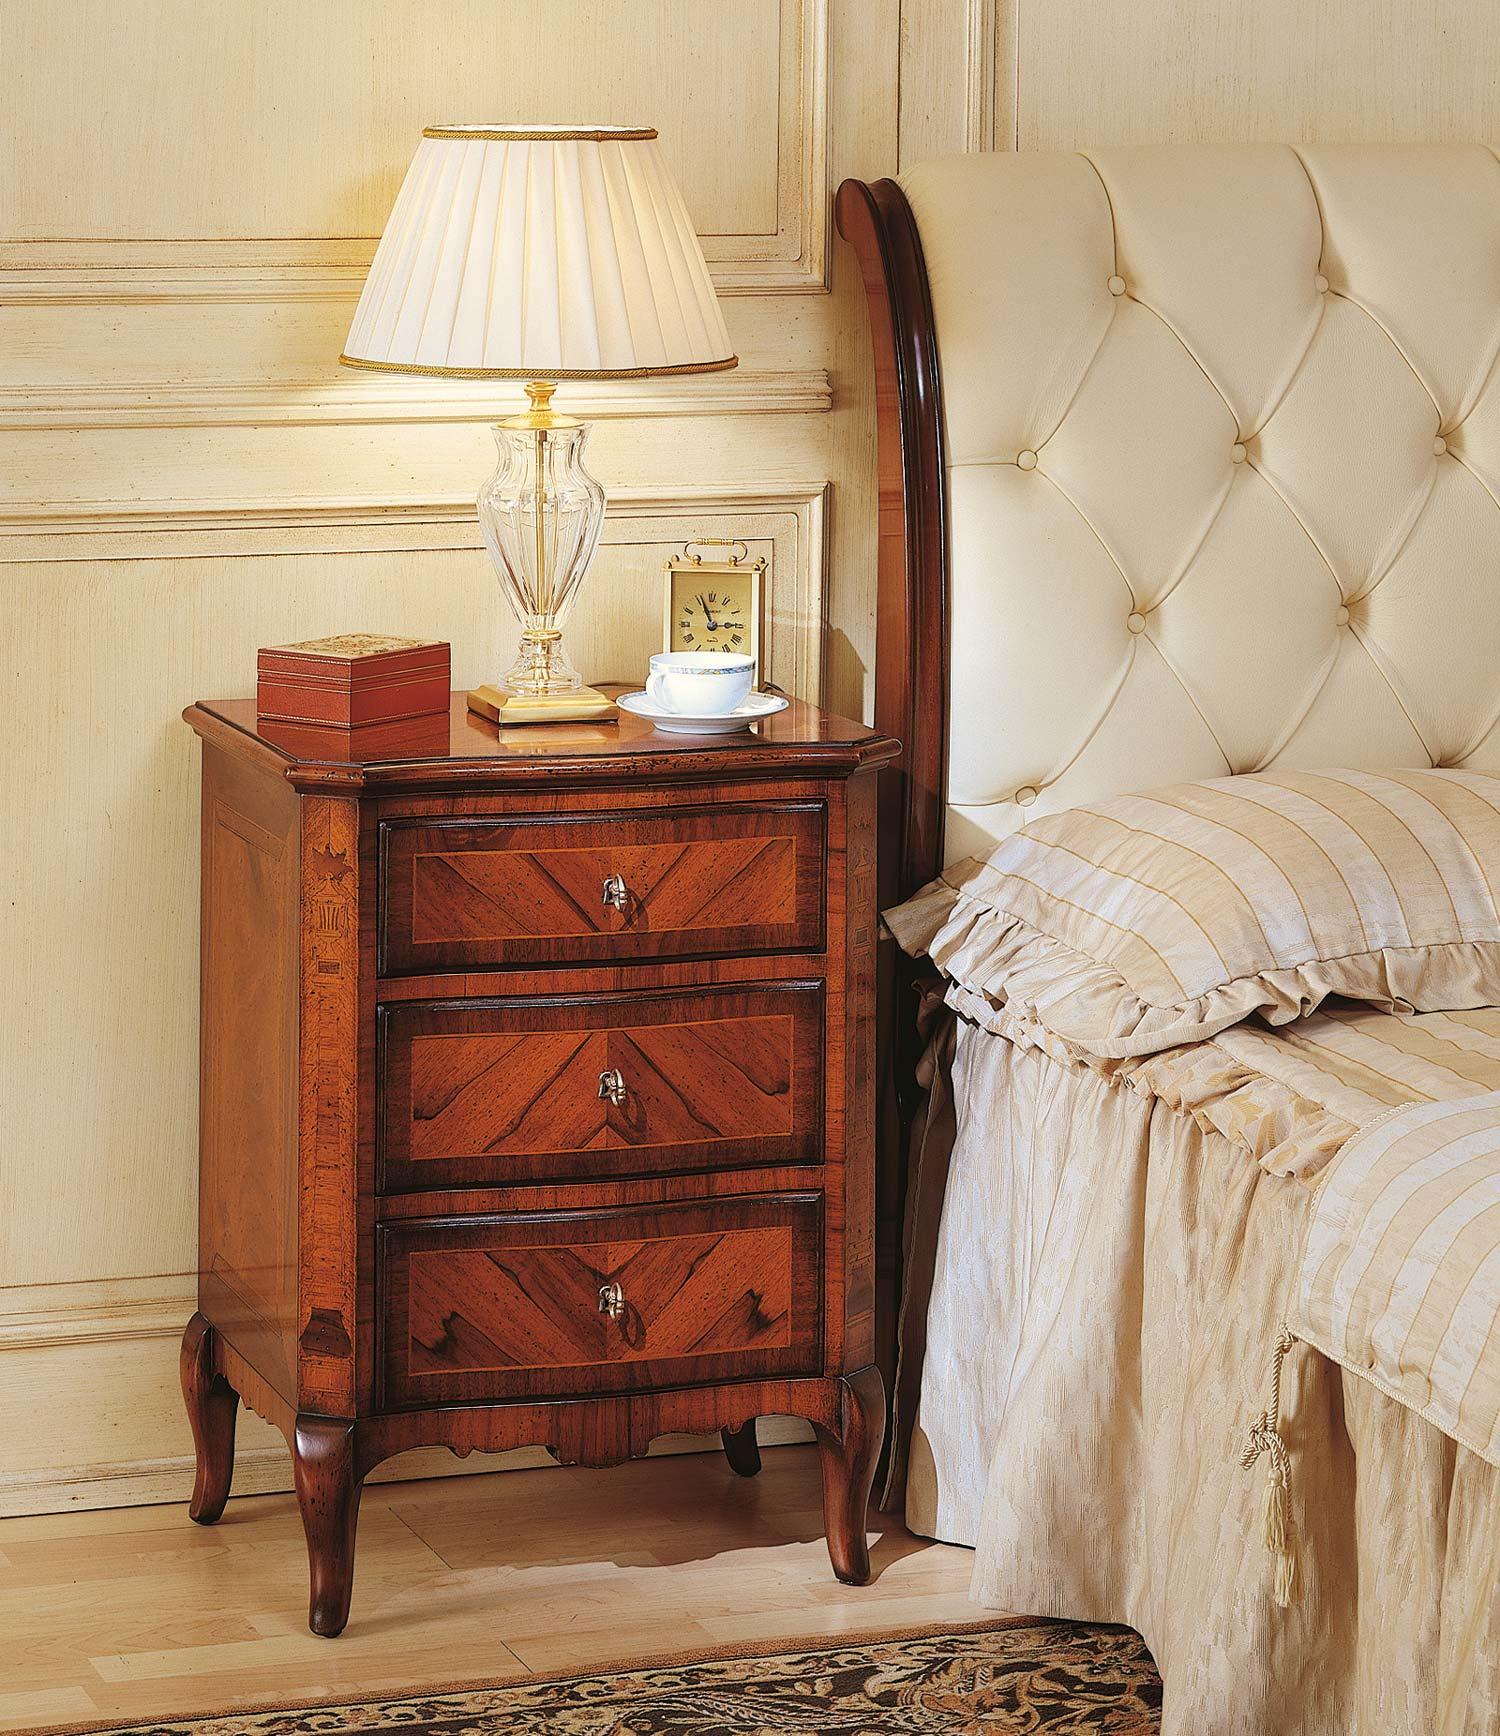 Camera da letto 800 francese comodino in noce vimercati - Camera da letto francese ...